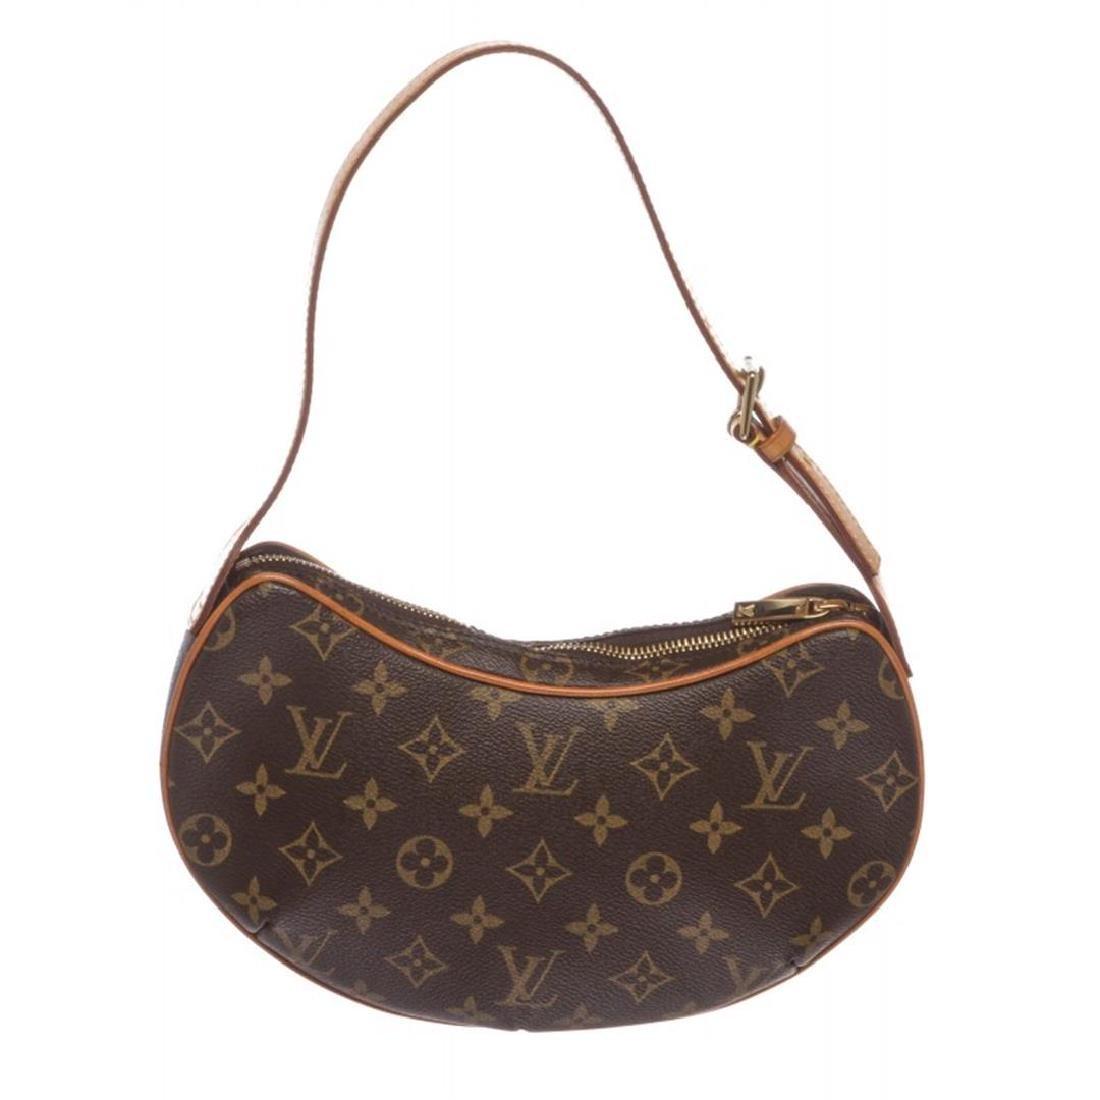 Louis Vuitton Monogram Canvas Leather Croissant PM